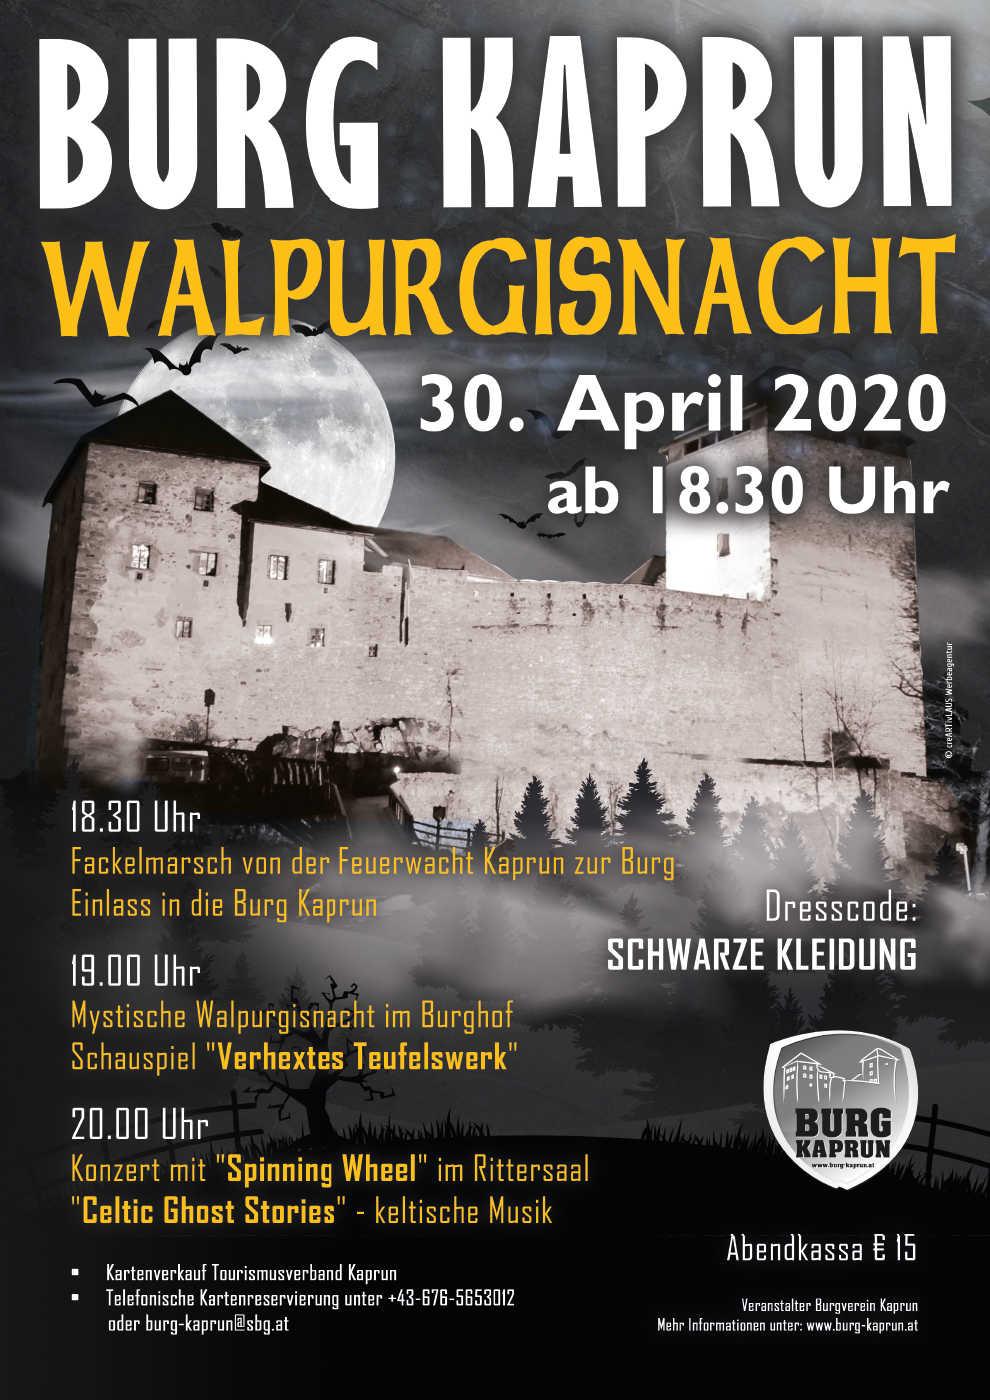 Burg Kaprun - Walpurgisnacht Plakat 2020